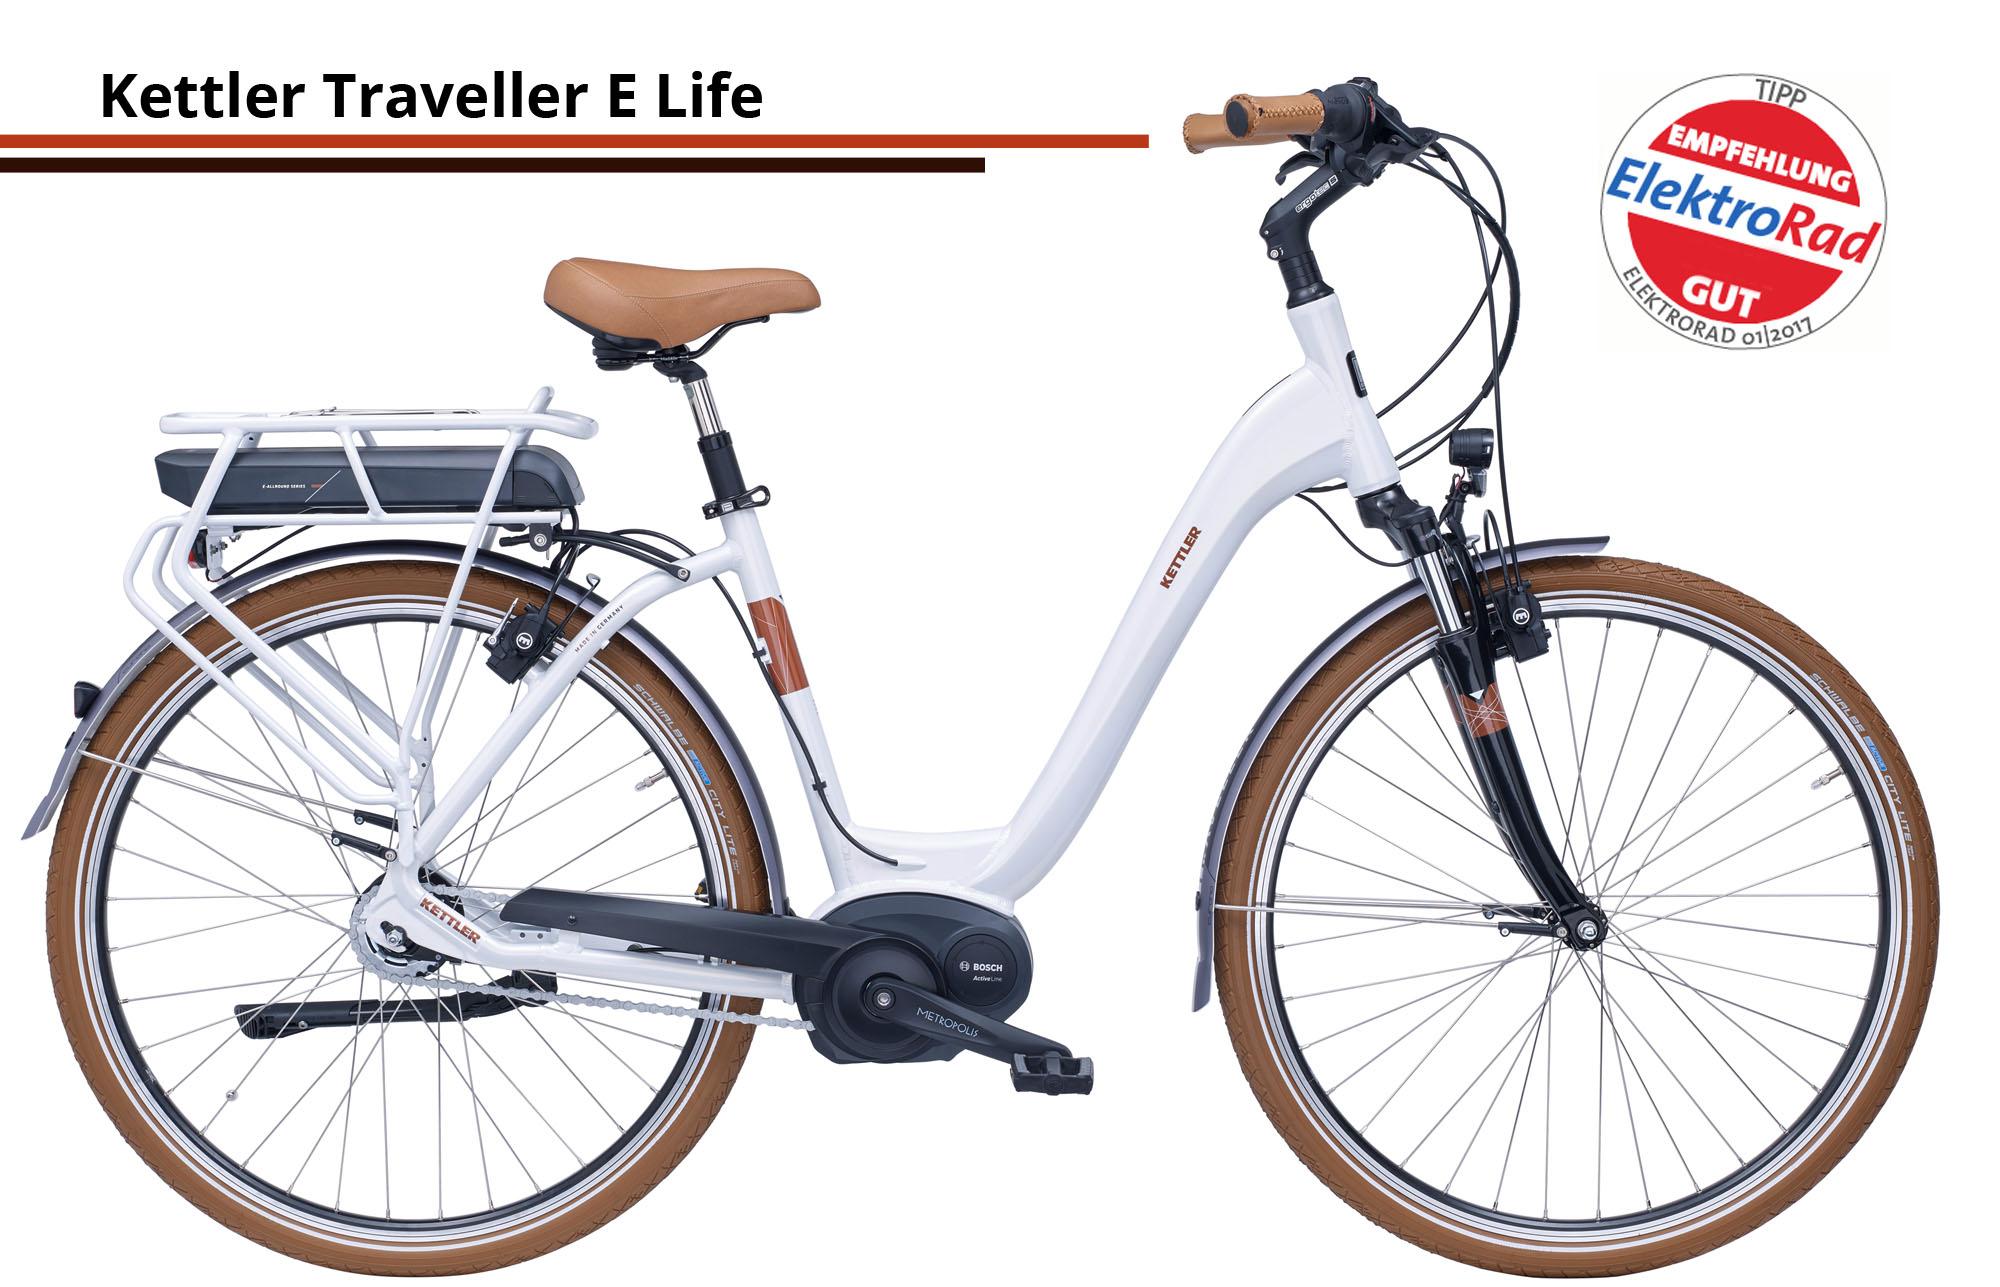 Kettler Traveller E Life